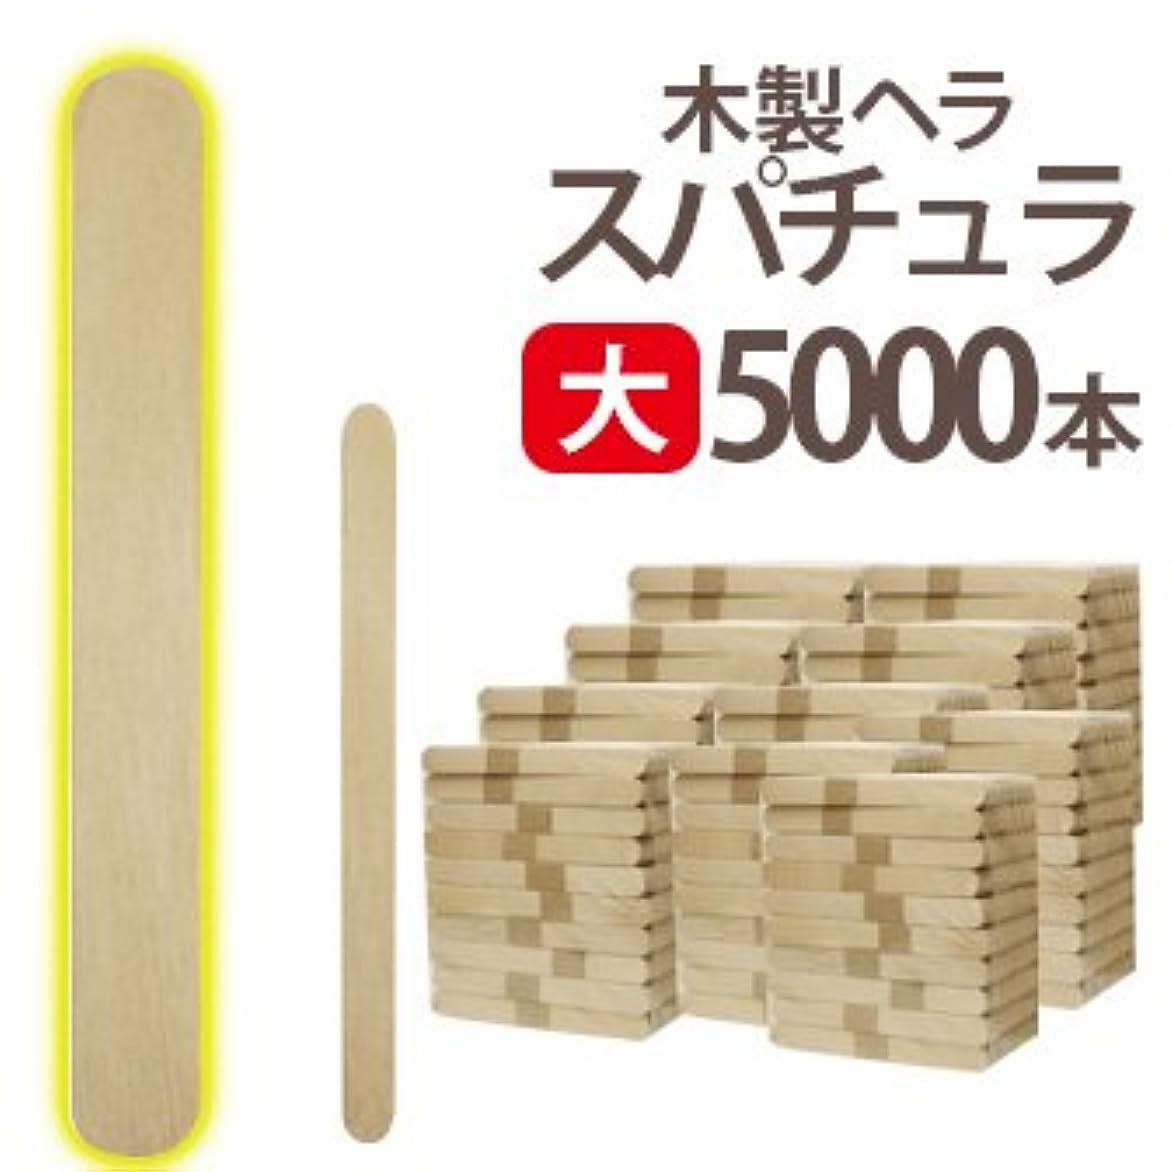 芝生ヒープ委任大 ブラジリアンワックス 業務用5000本 スパチュラ Aタイプ(個別梱包なし 150×16)